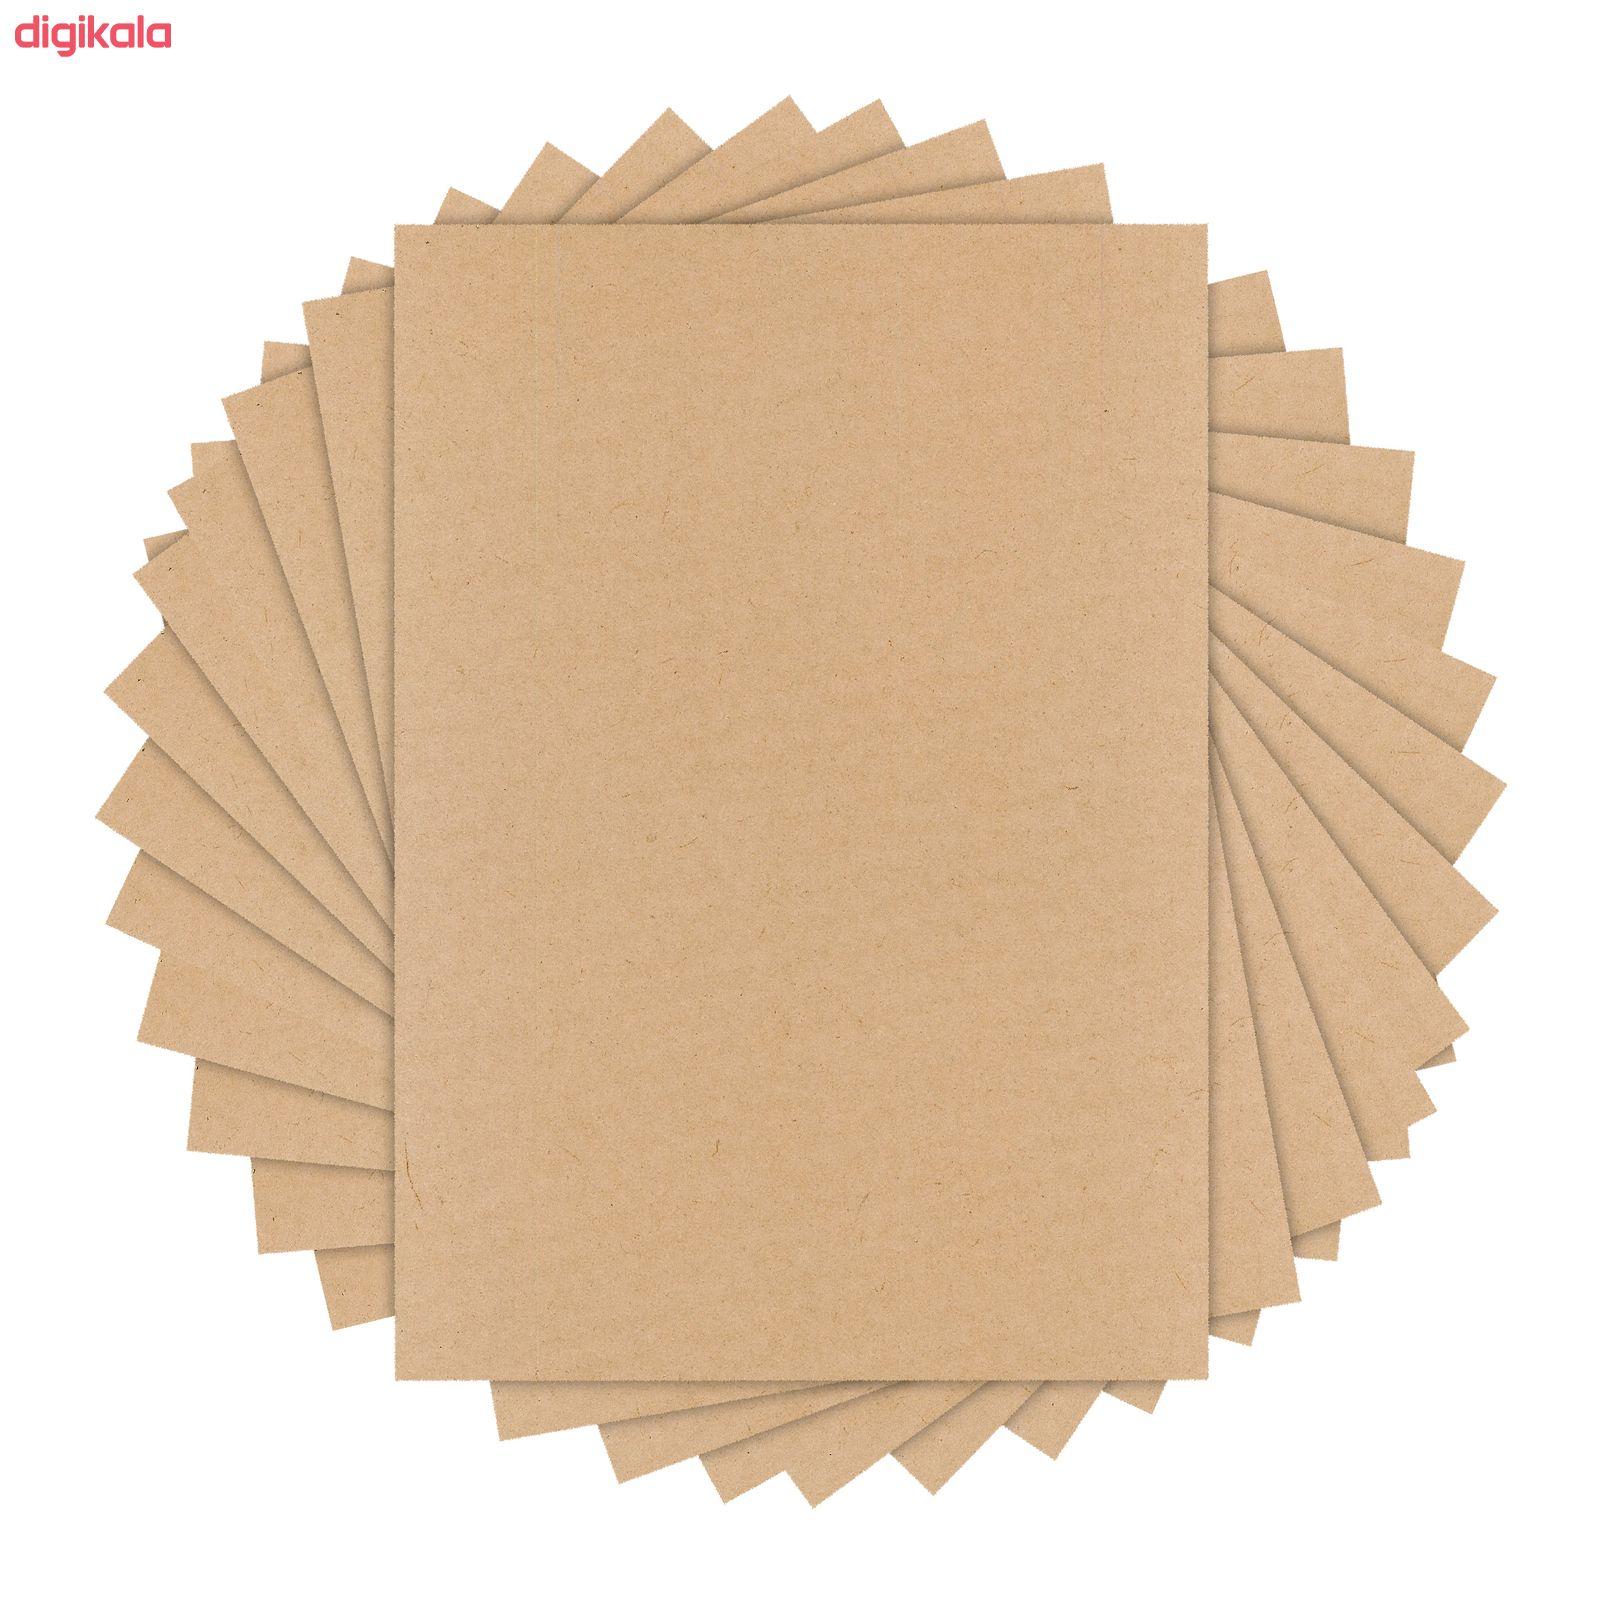 کاغذ کرافت مستر راد کد 1436 بسته 50 عددی main 1 1